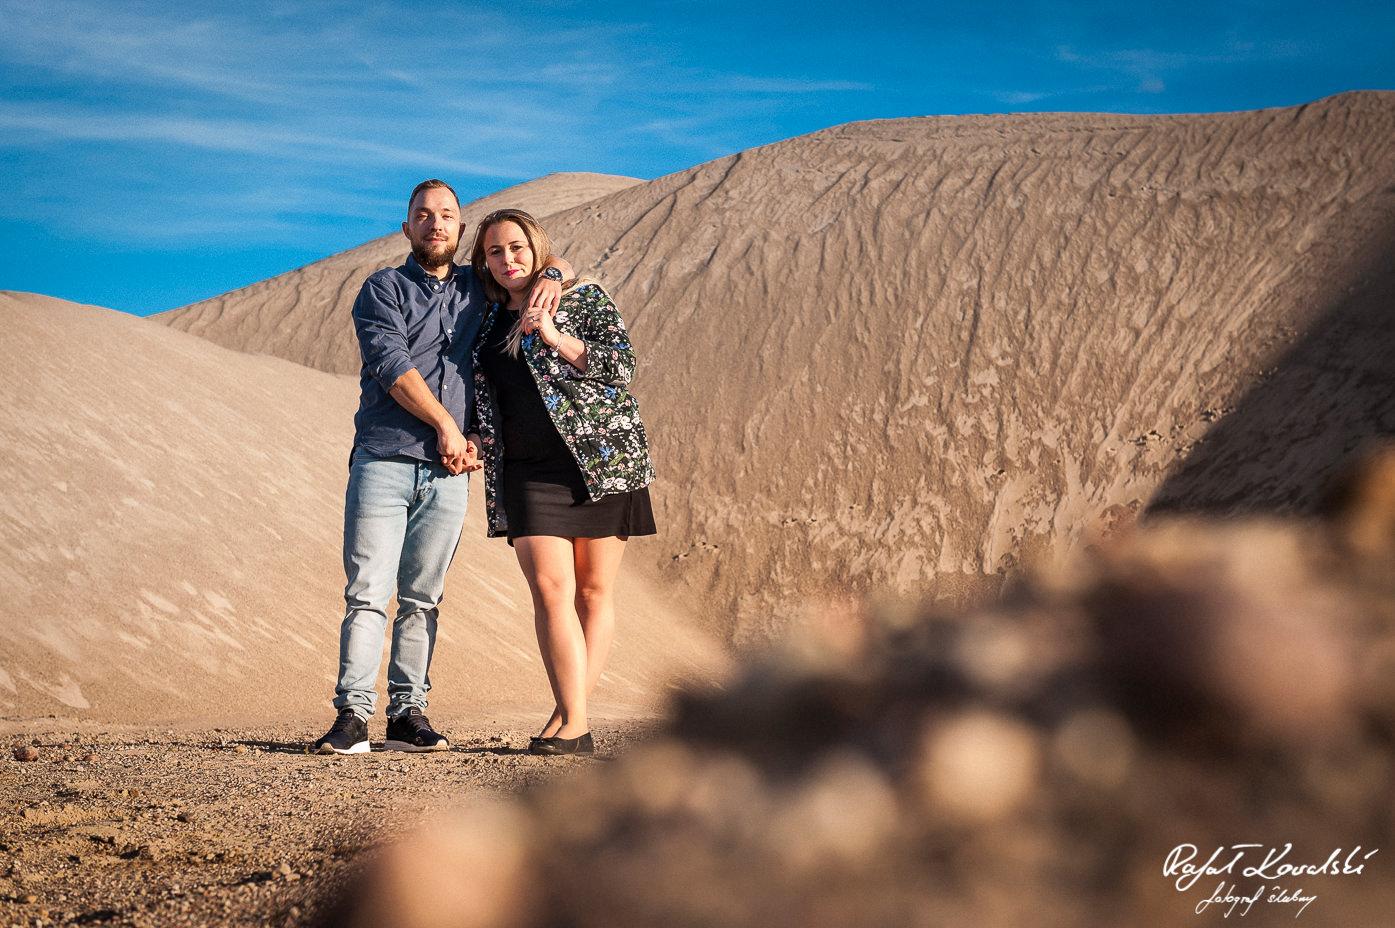 nasz własny skrawek pystyni koło domu - pustynna sesja narzeczeńska fotograf gdańsk Rafał Kowalski